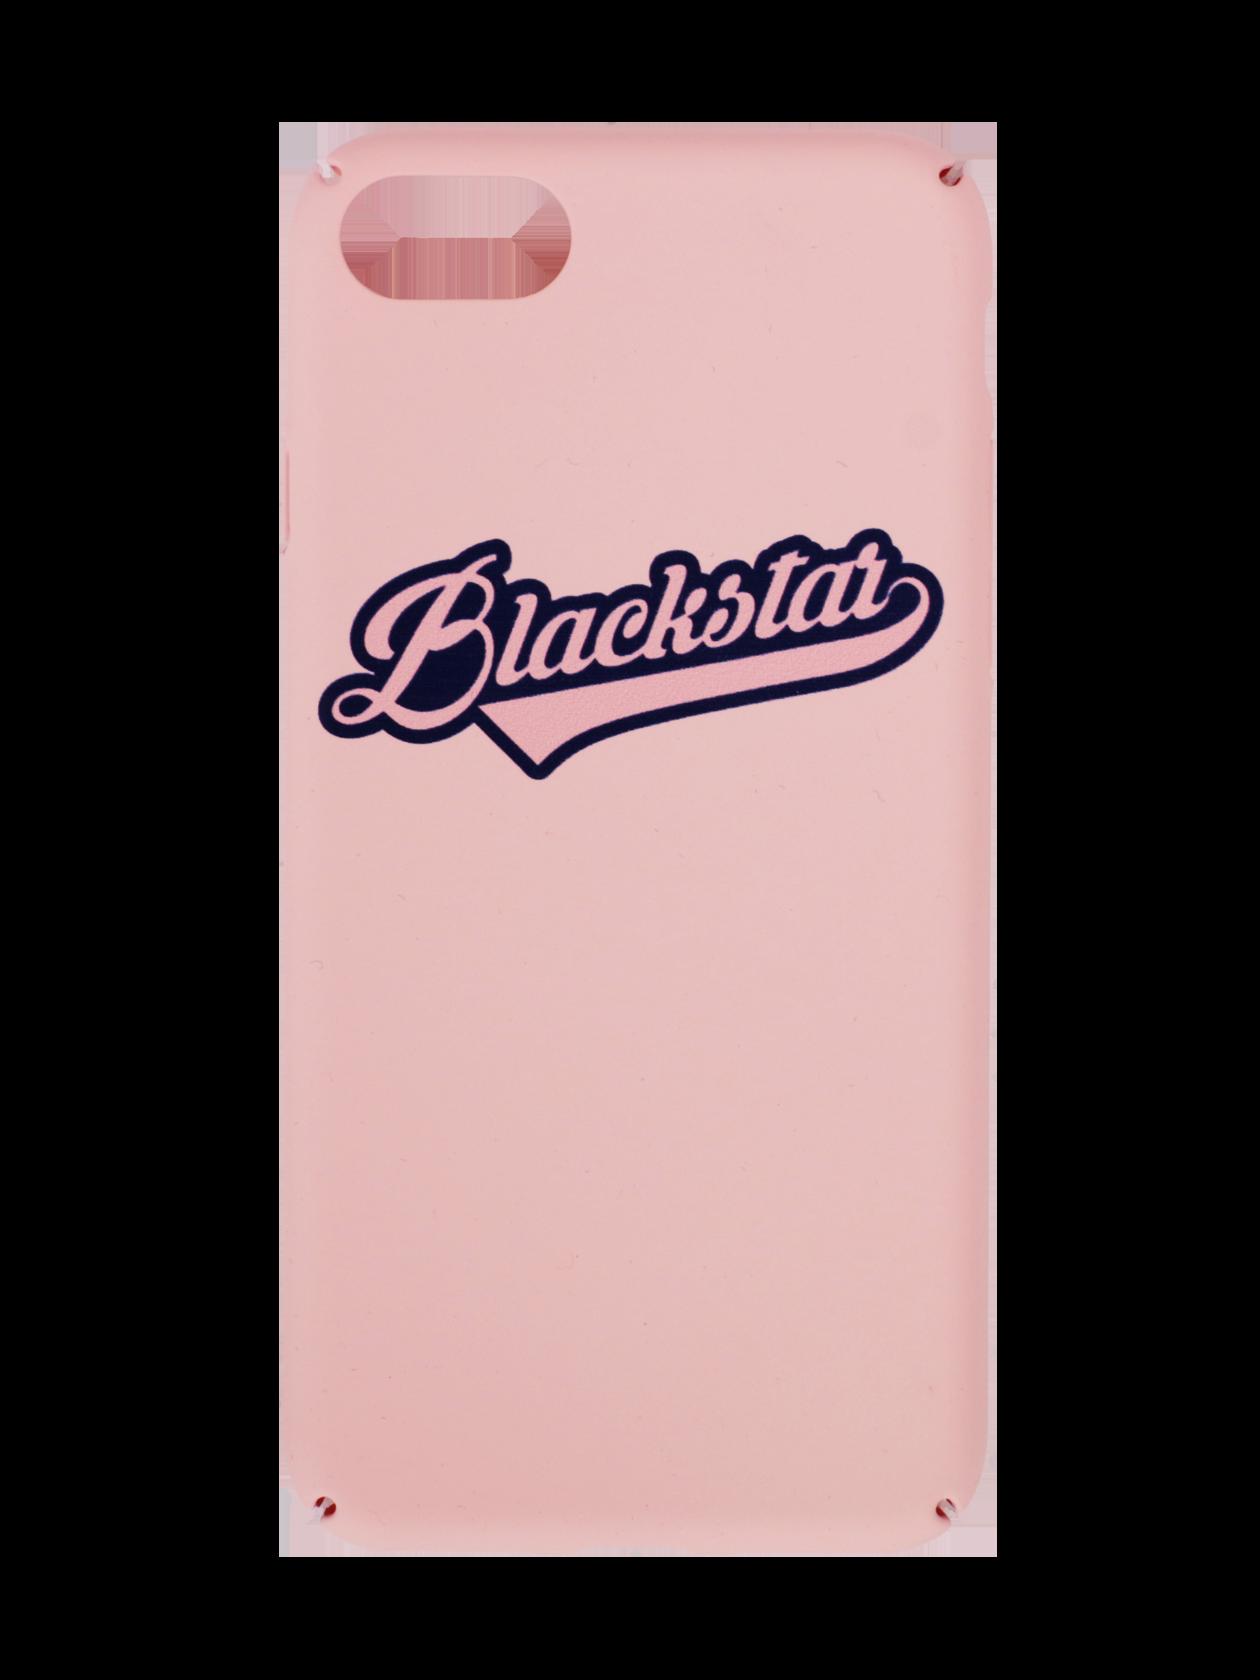 Чехол для телефона PLAYFUL BSЯркий чехол для телефона Playful BS – незаменимая вещь для любимого гаджета. Модель выполнена в виде задней стенки мобильного устройства, идеально повторяет его форму, предотвращая от попадания пыли внутрь корпуса. Стильный дизайн позволит разнообразить внешний вид девайса. Чехол представлен в двух модных расцветках – бледно-розовой и лиловой. Аксессуар создан из высококачественного прочного материала.<br><br>Размер: 7<br>Цвет: Розовый<br>Пол: Унисекс